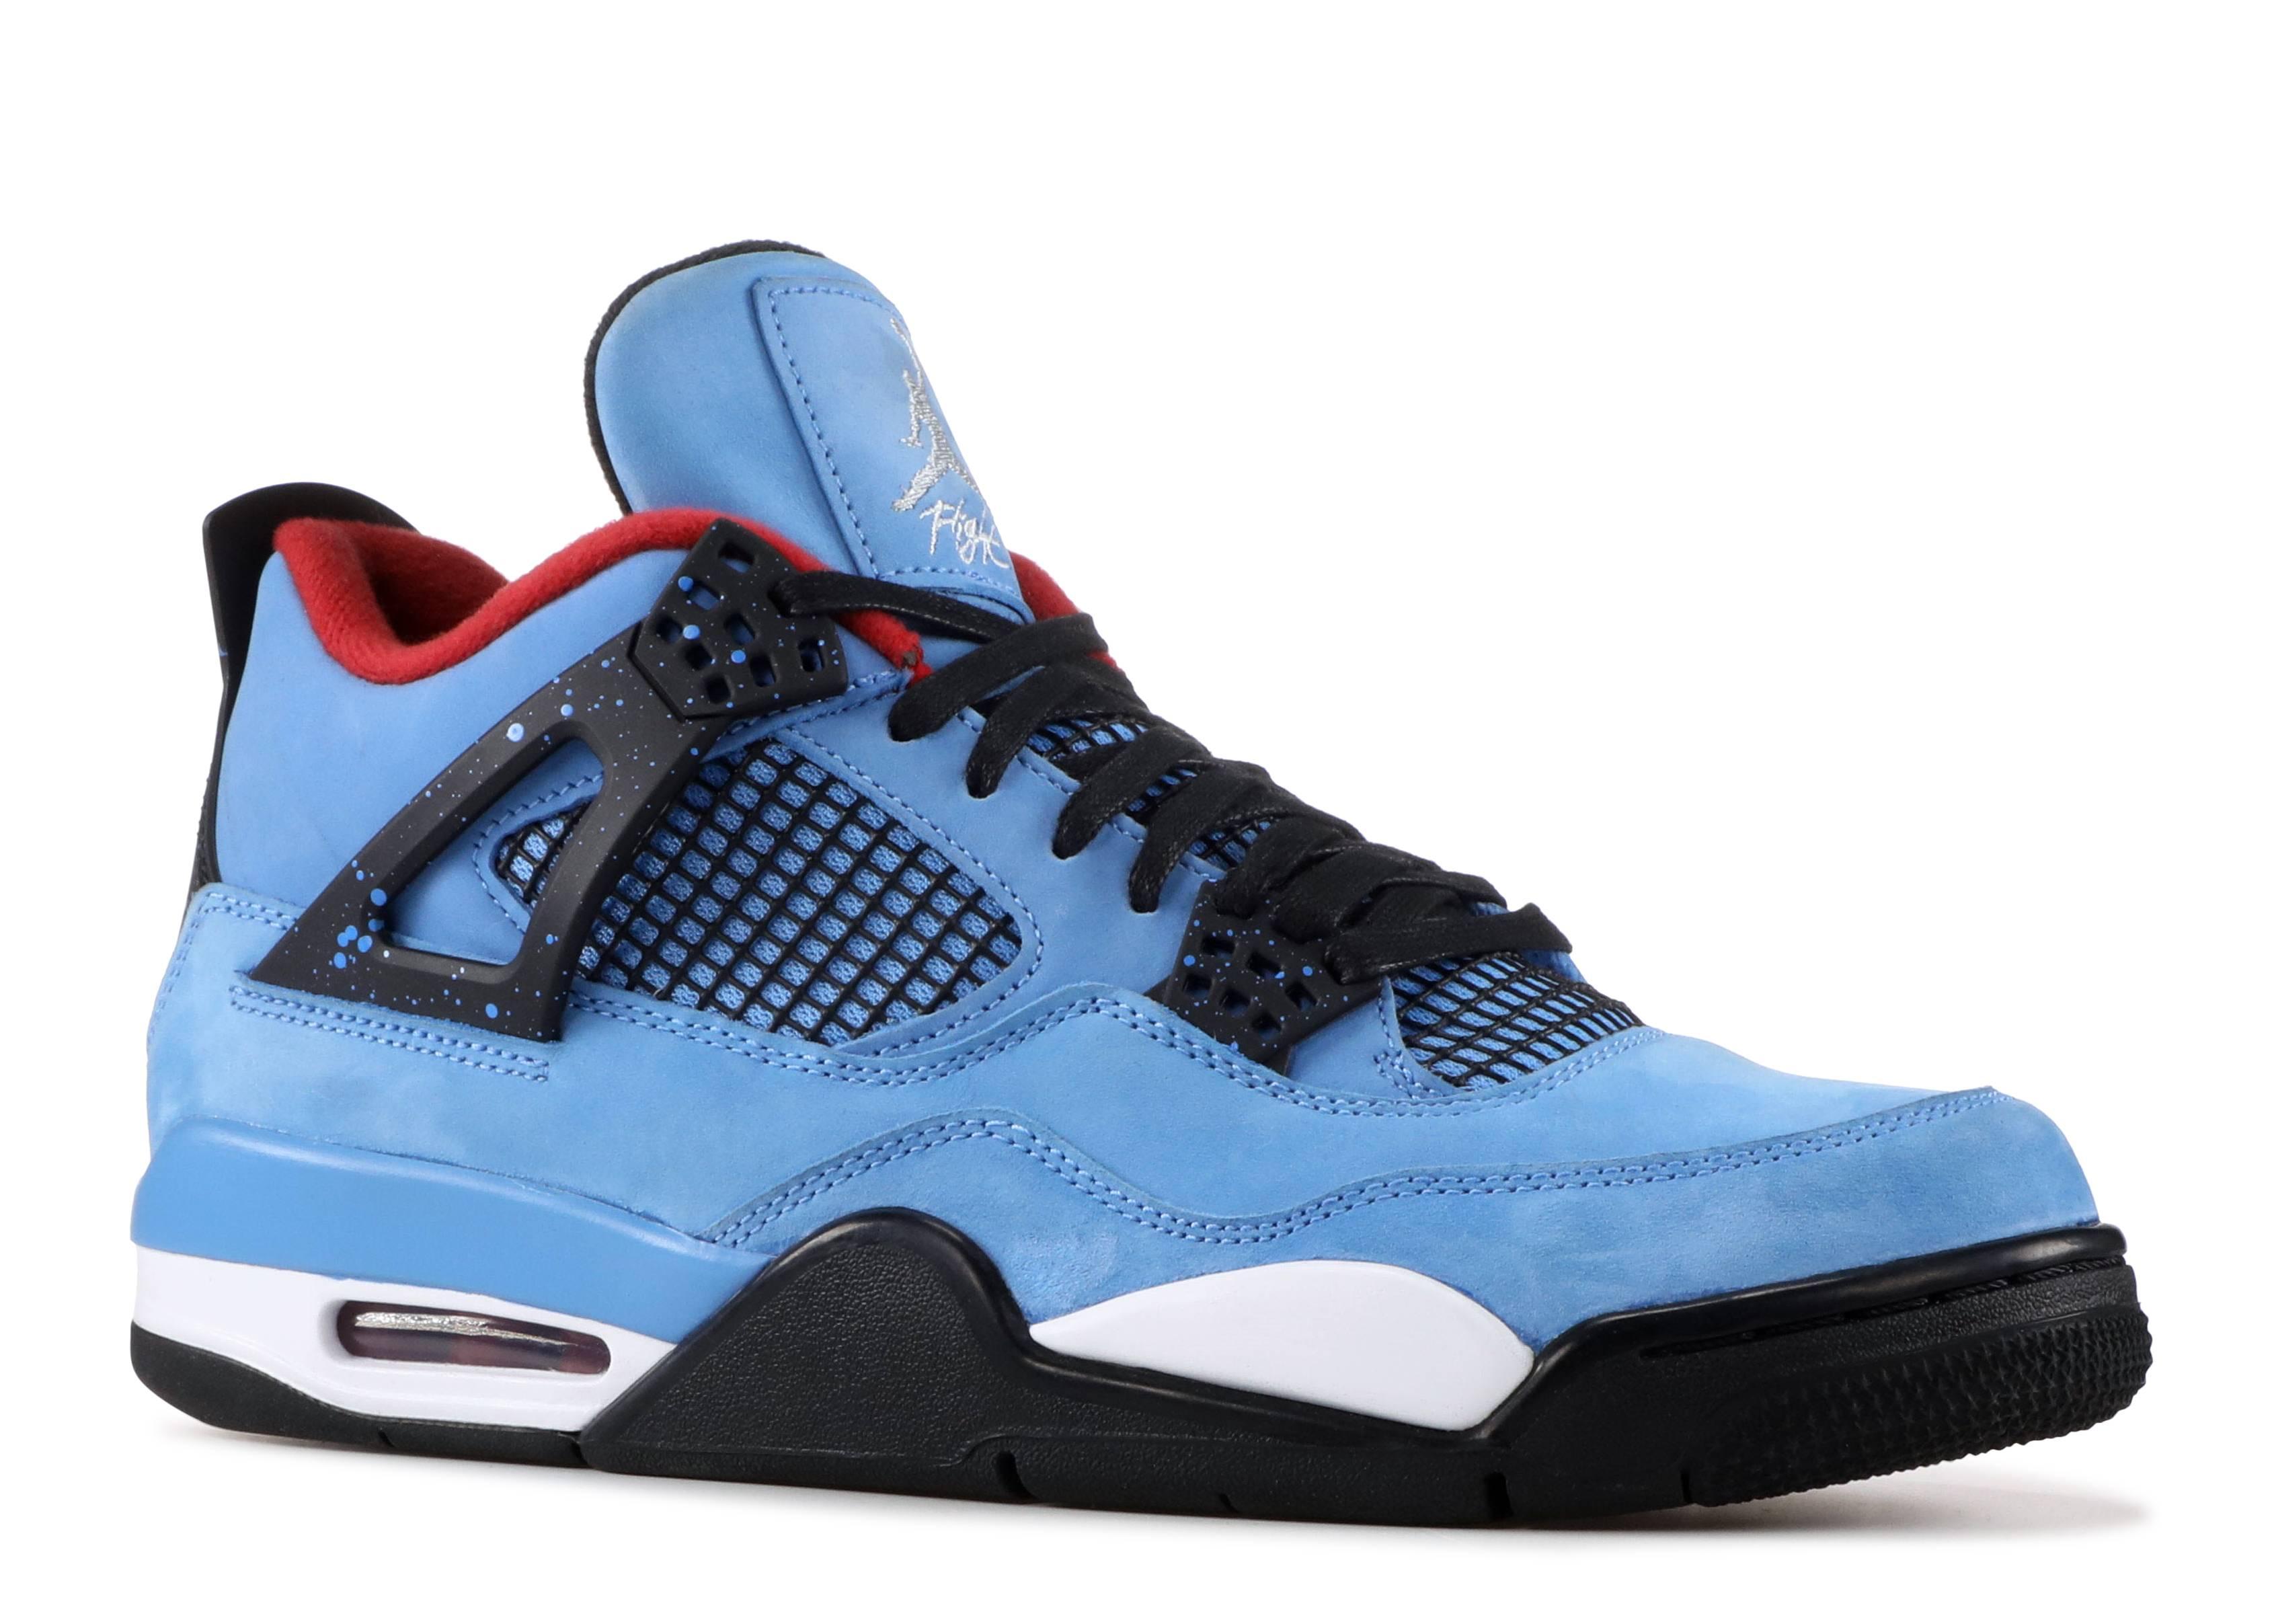 65d9d28f200f33 Air Jordan 4 Retro